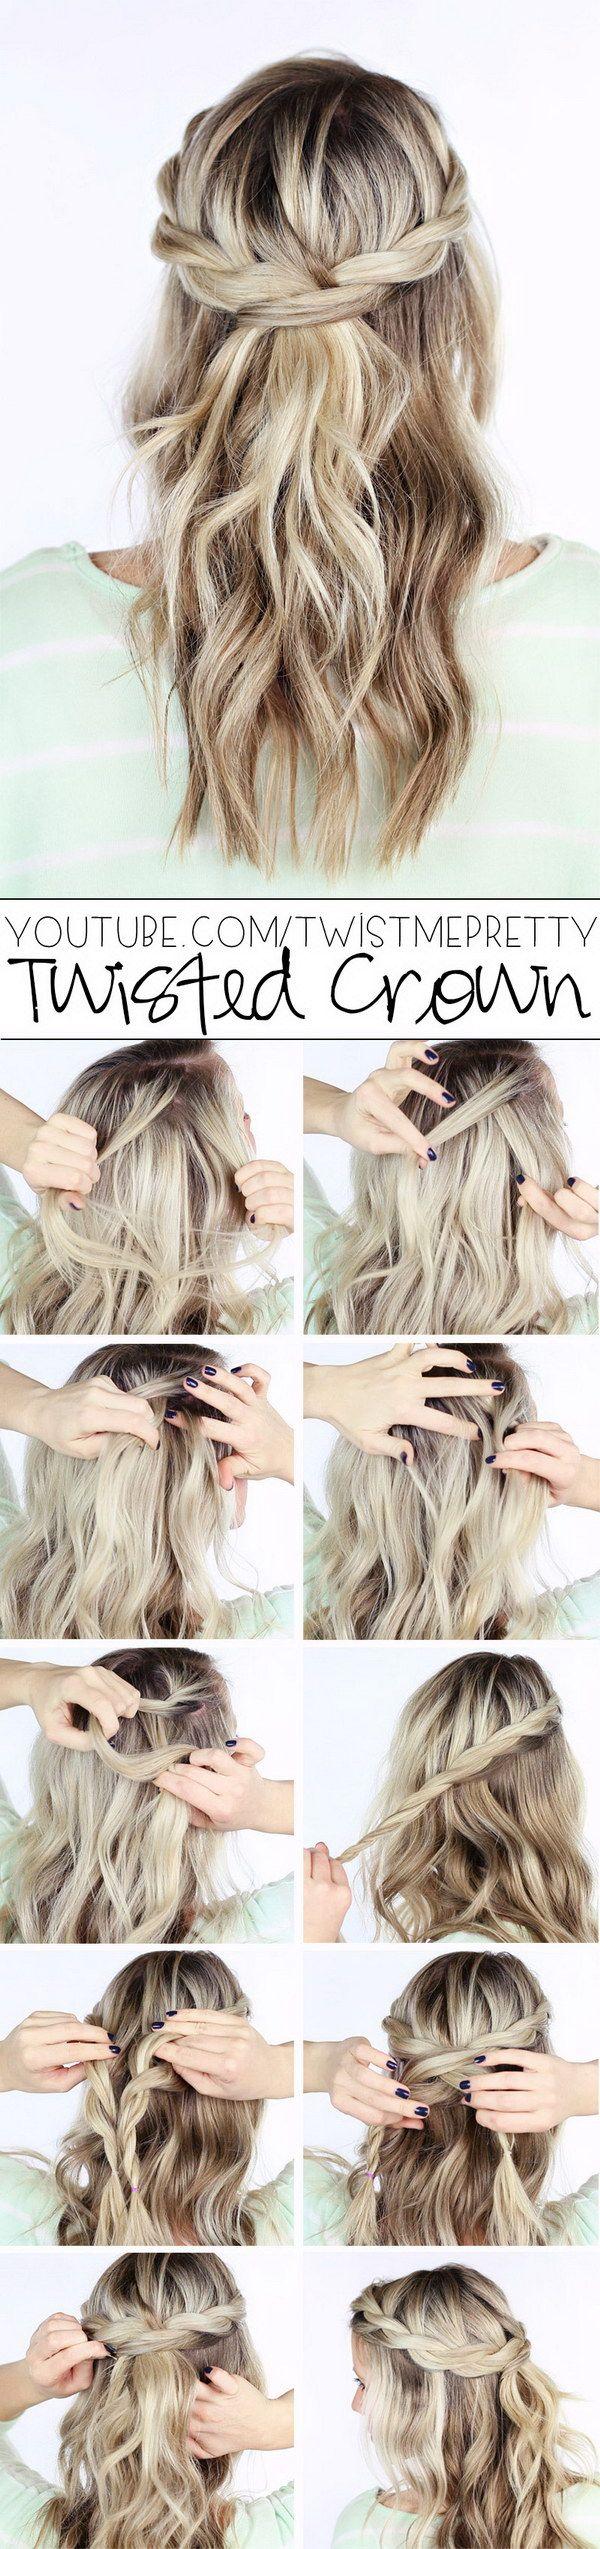 Twisted Crown Braid Hairstyle Tutorial.